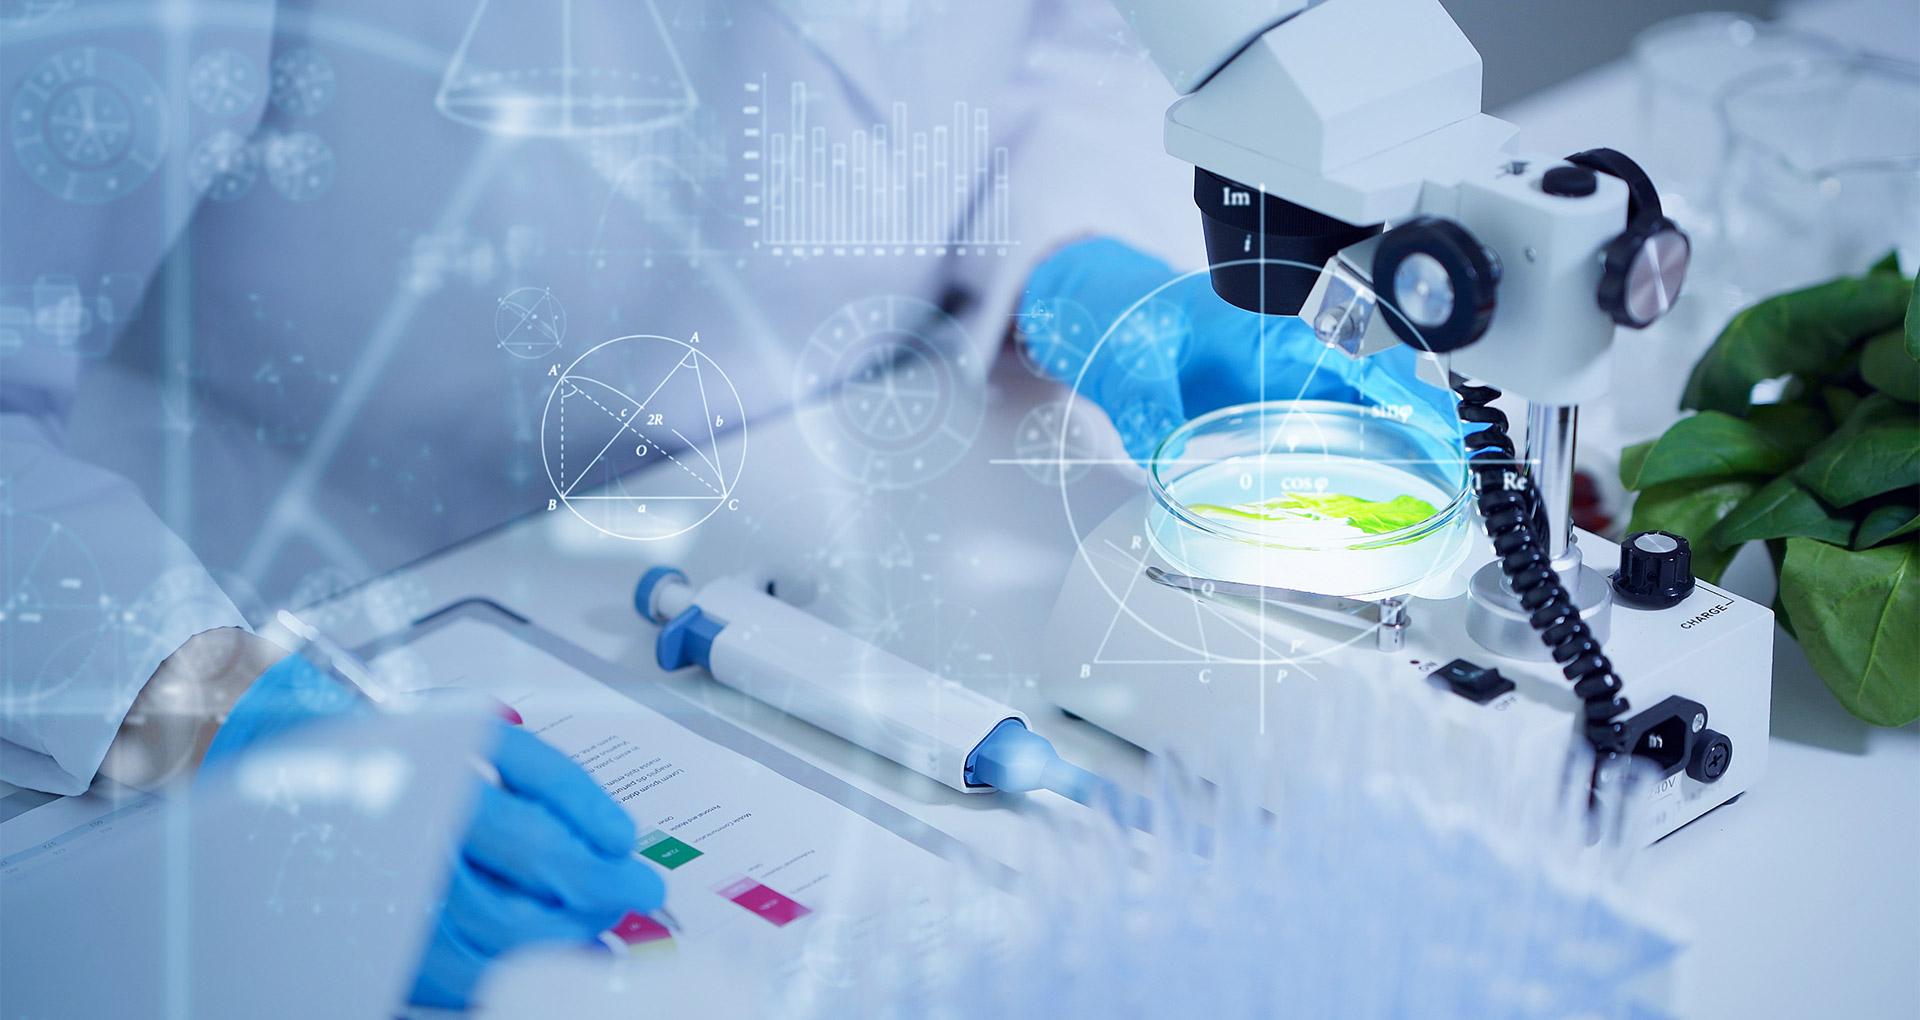 吸水性樹脂(SAP)とウレタン使った様々な応用商品の企画・開発・製造・販売を手掛ける、株式会社アイ・イー・ジェー